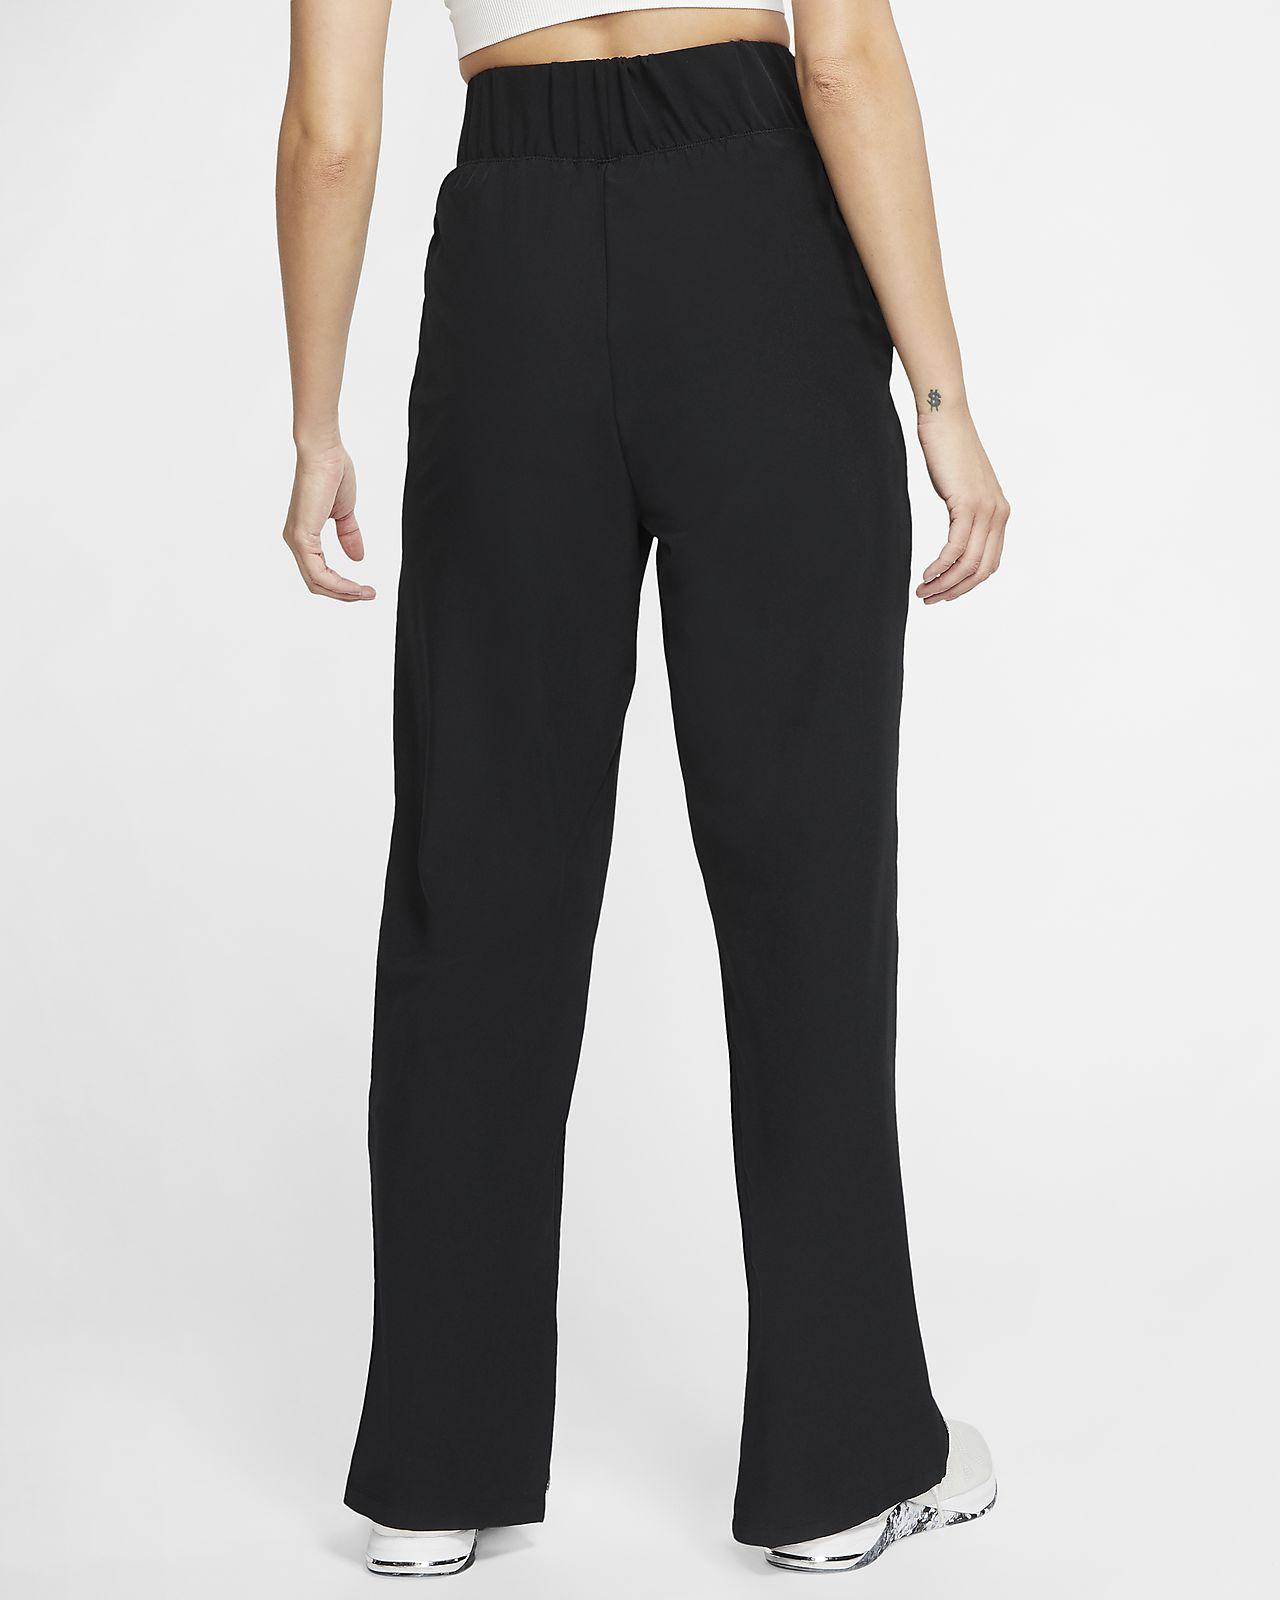 pantaloni nike pro donna